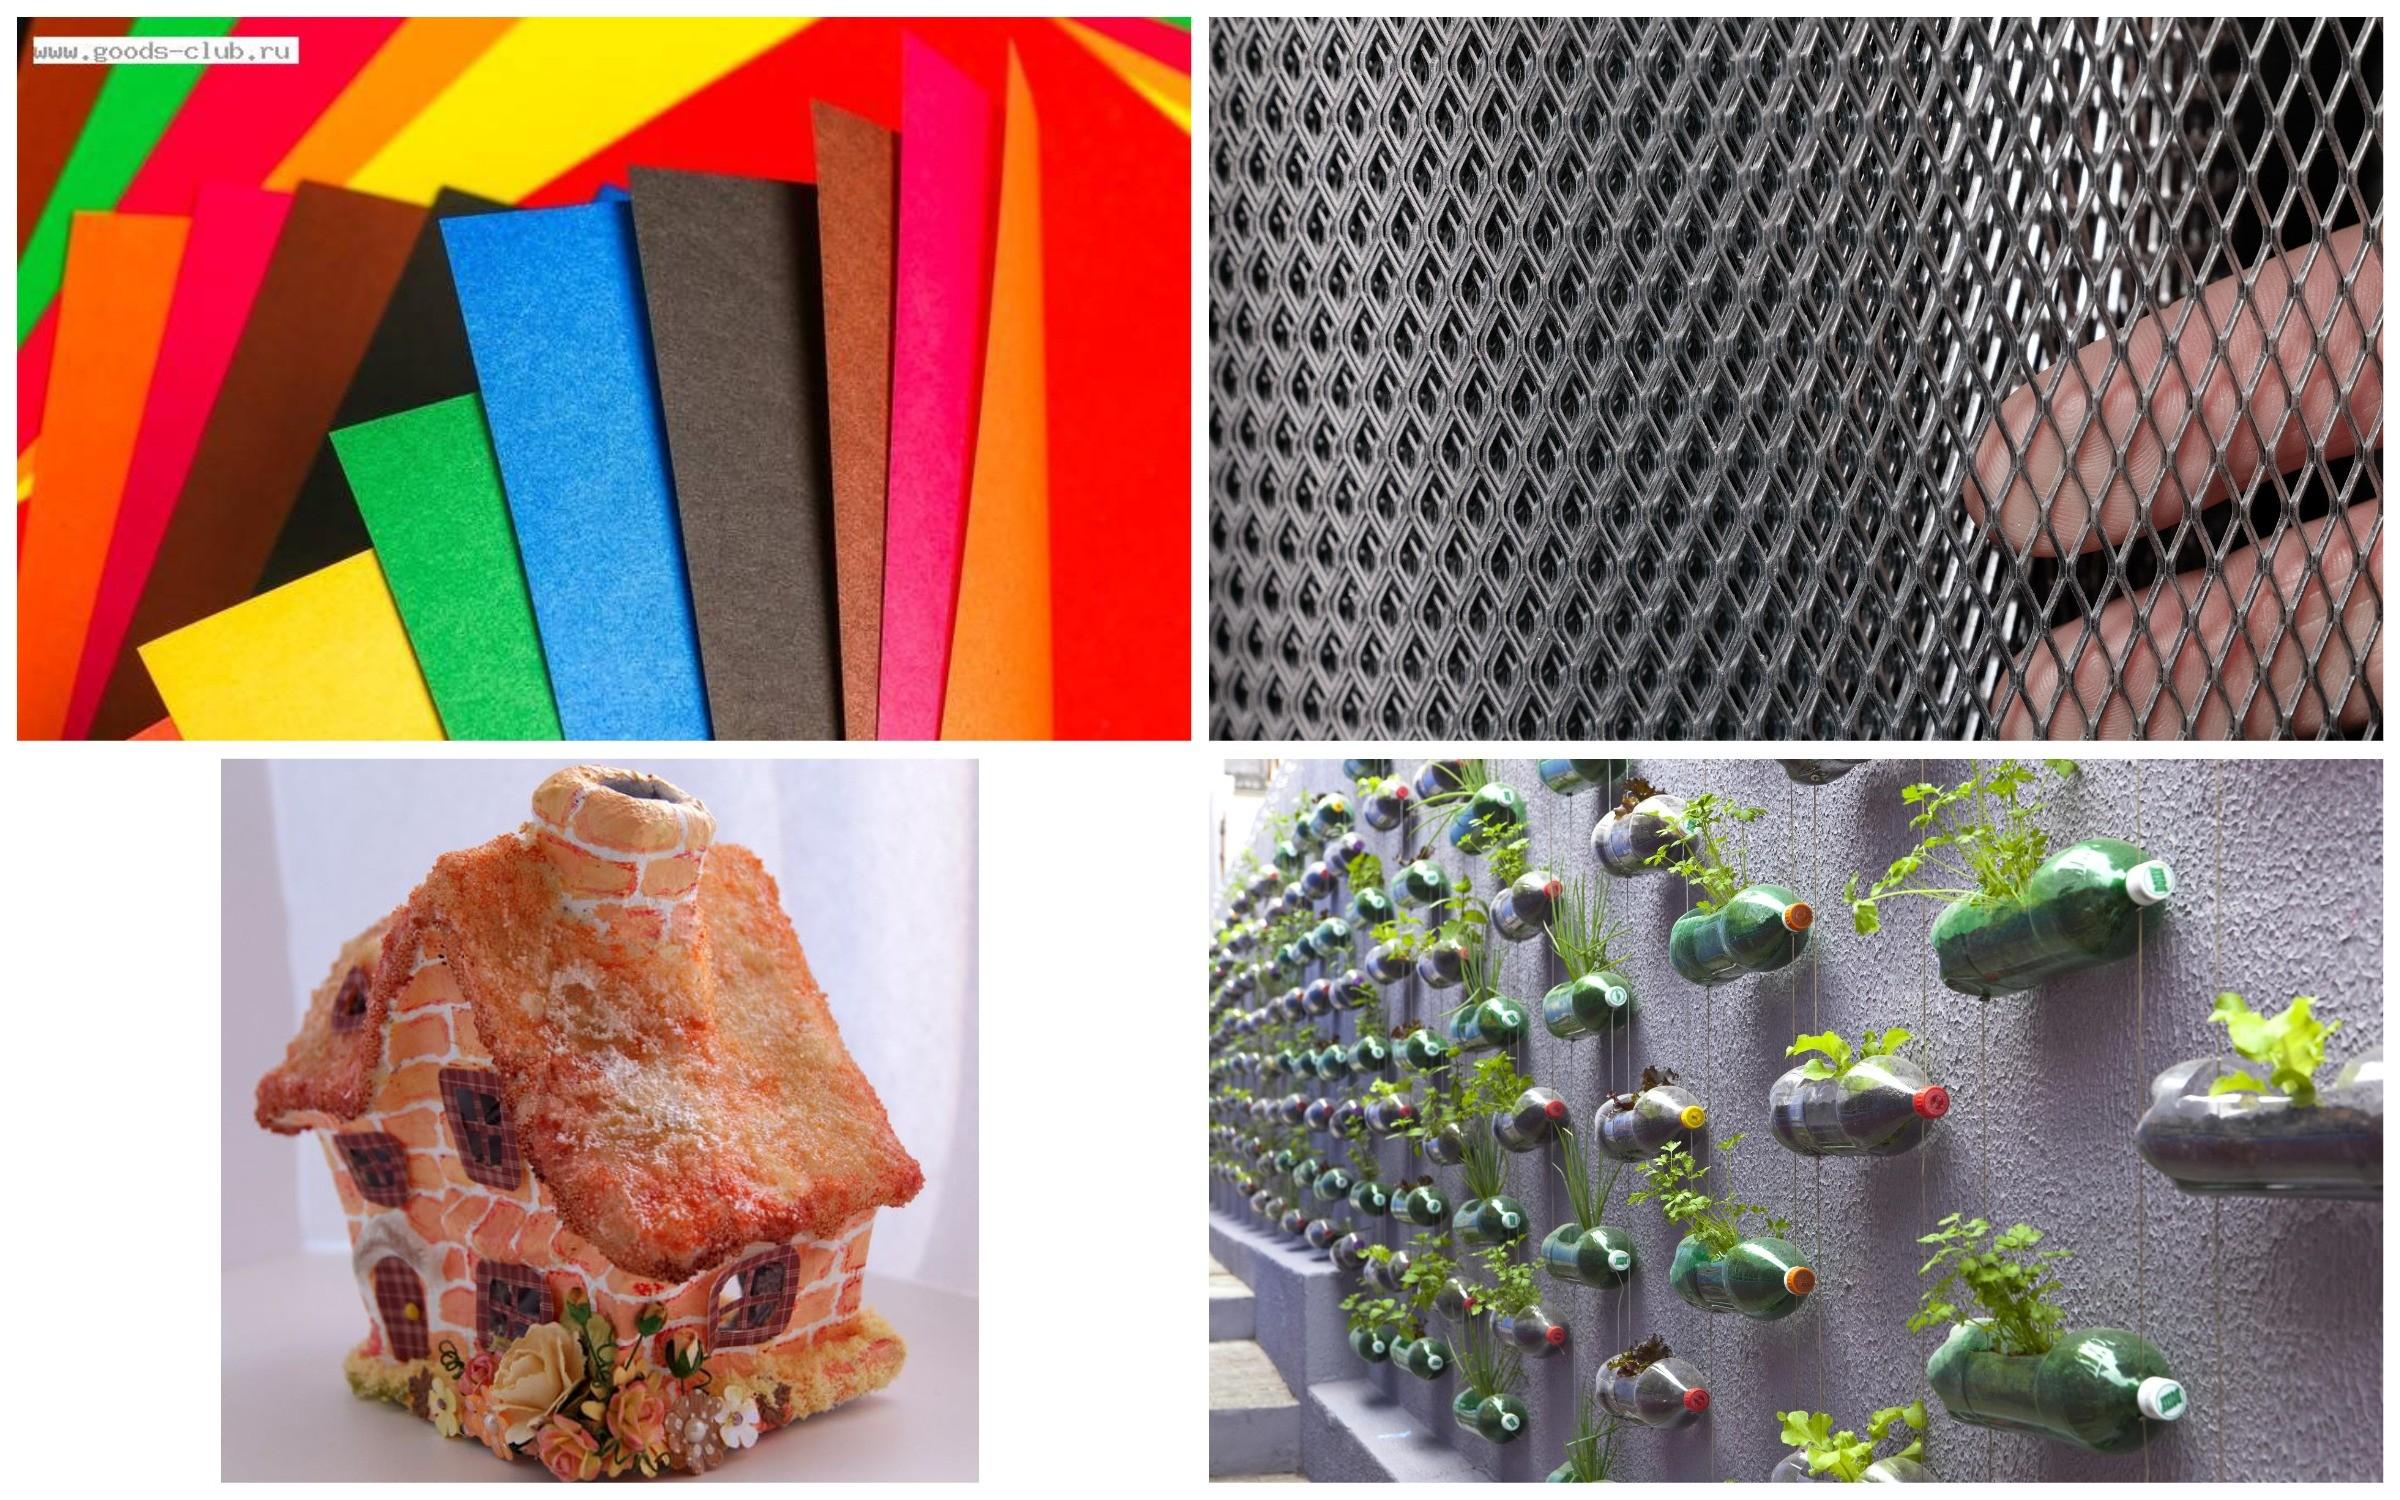 изображение использования бытовых принадлежностей в ландшафтном дизайне